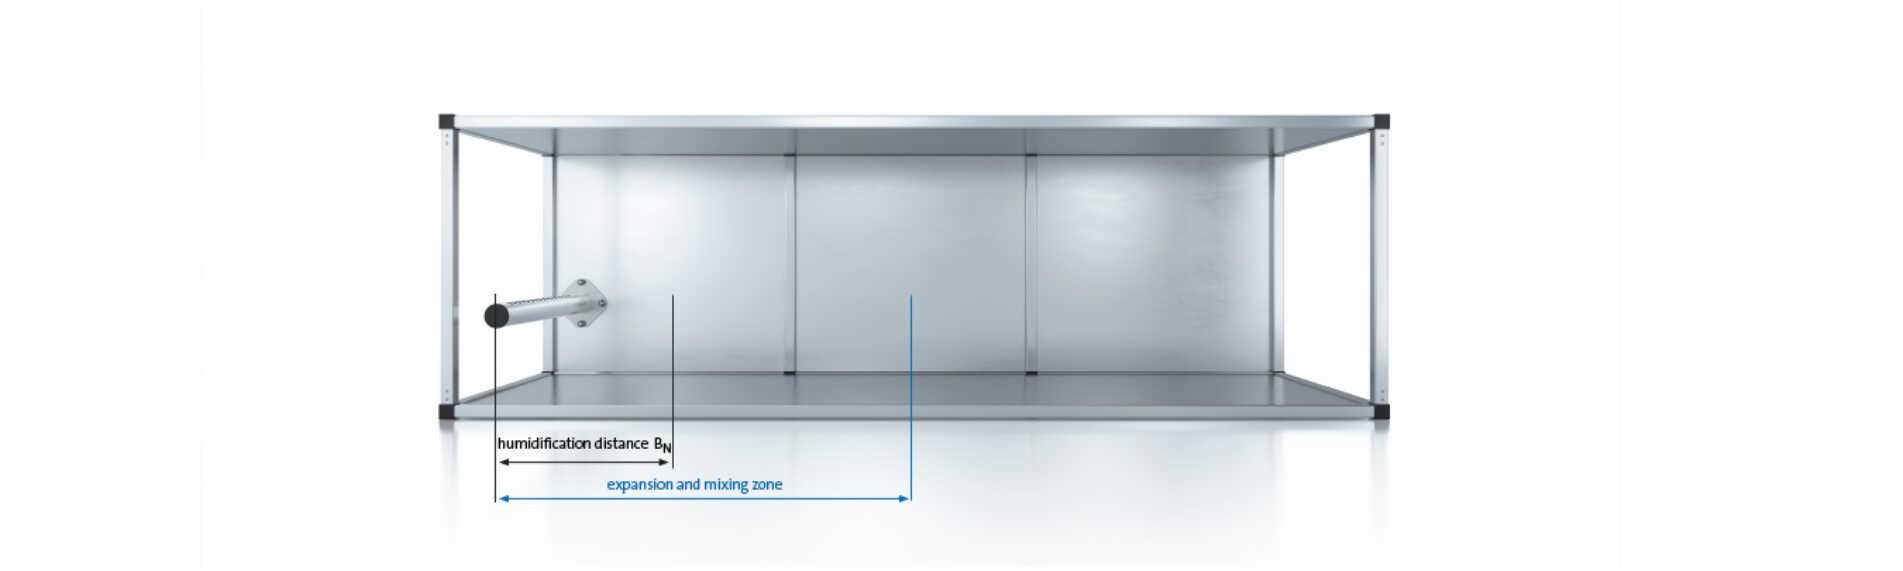 Befuktningsavstånden är det nödvändiga avståndet för optimal absorption av ånga i luften